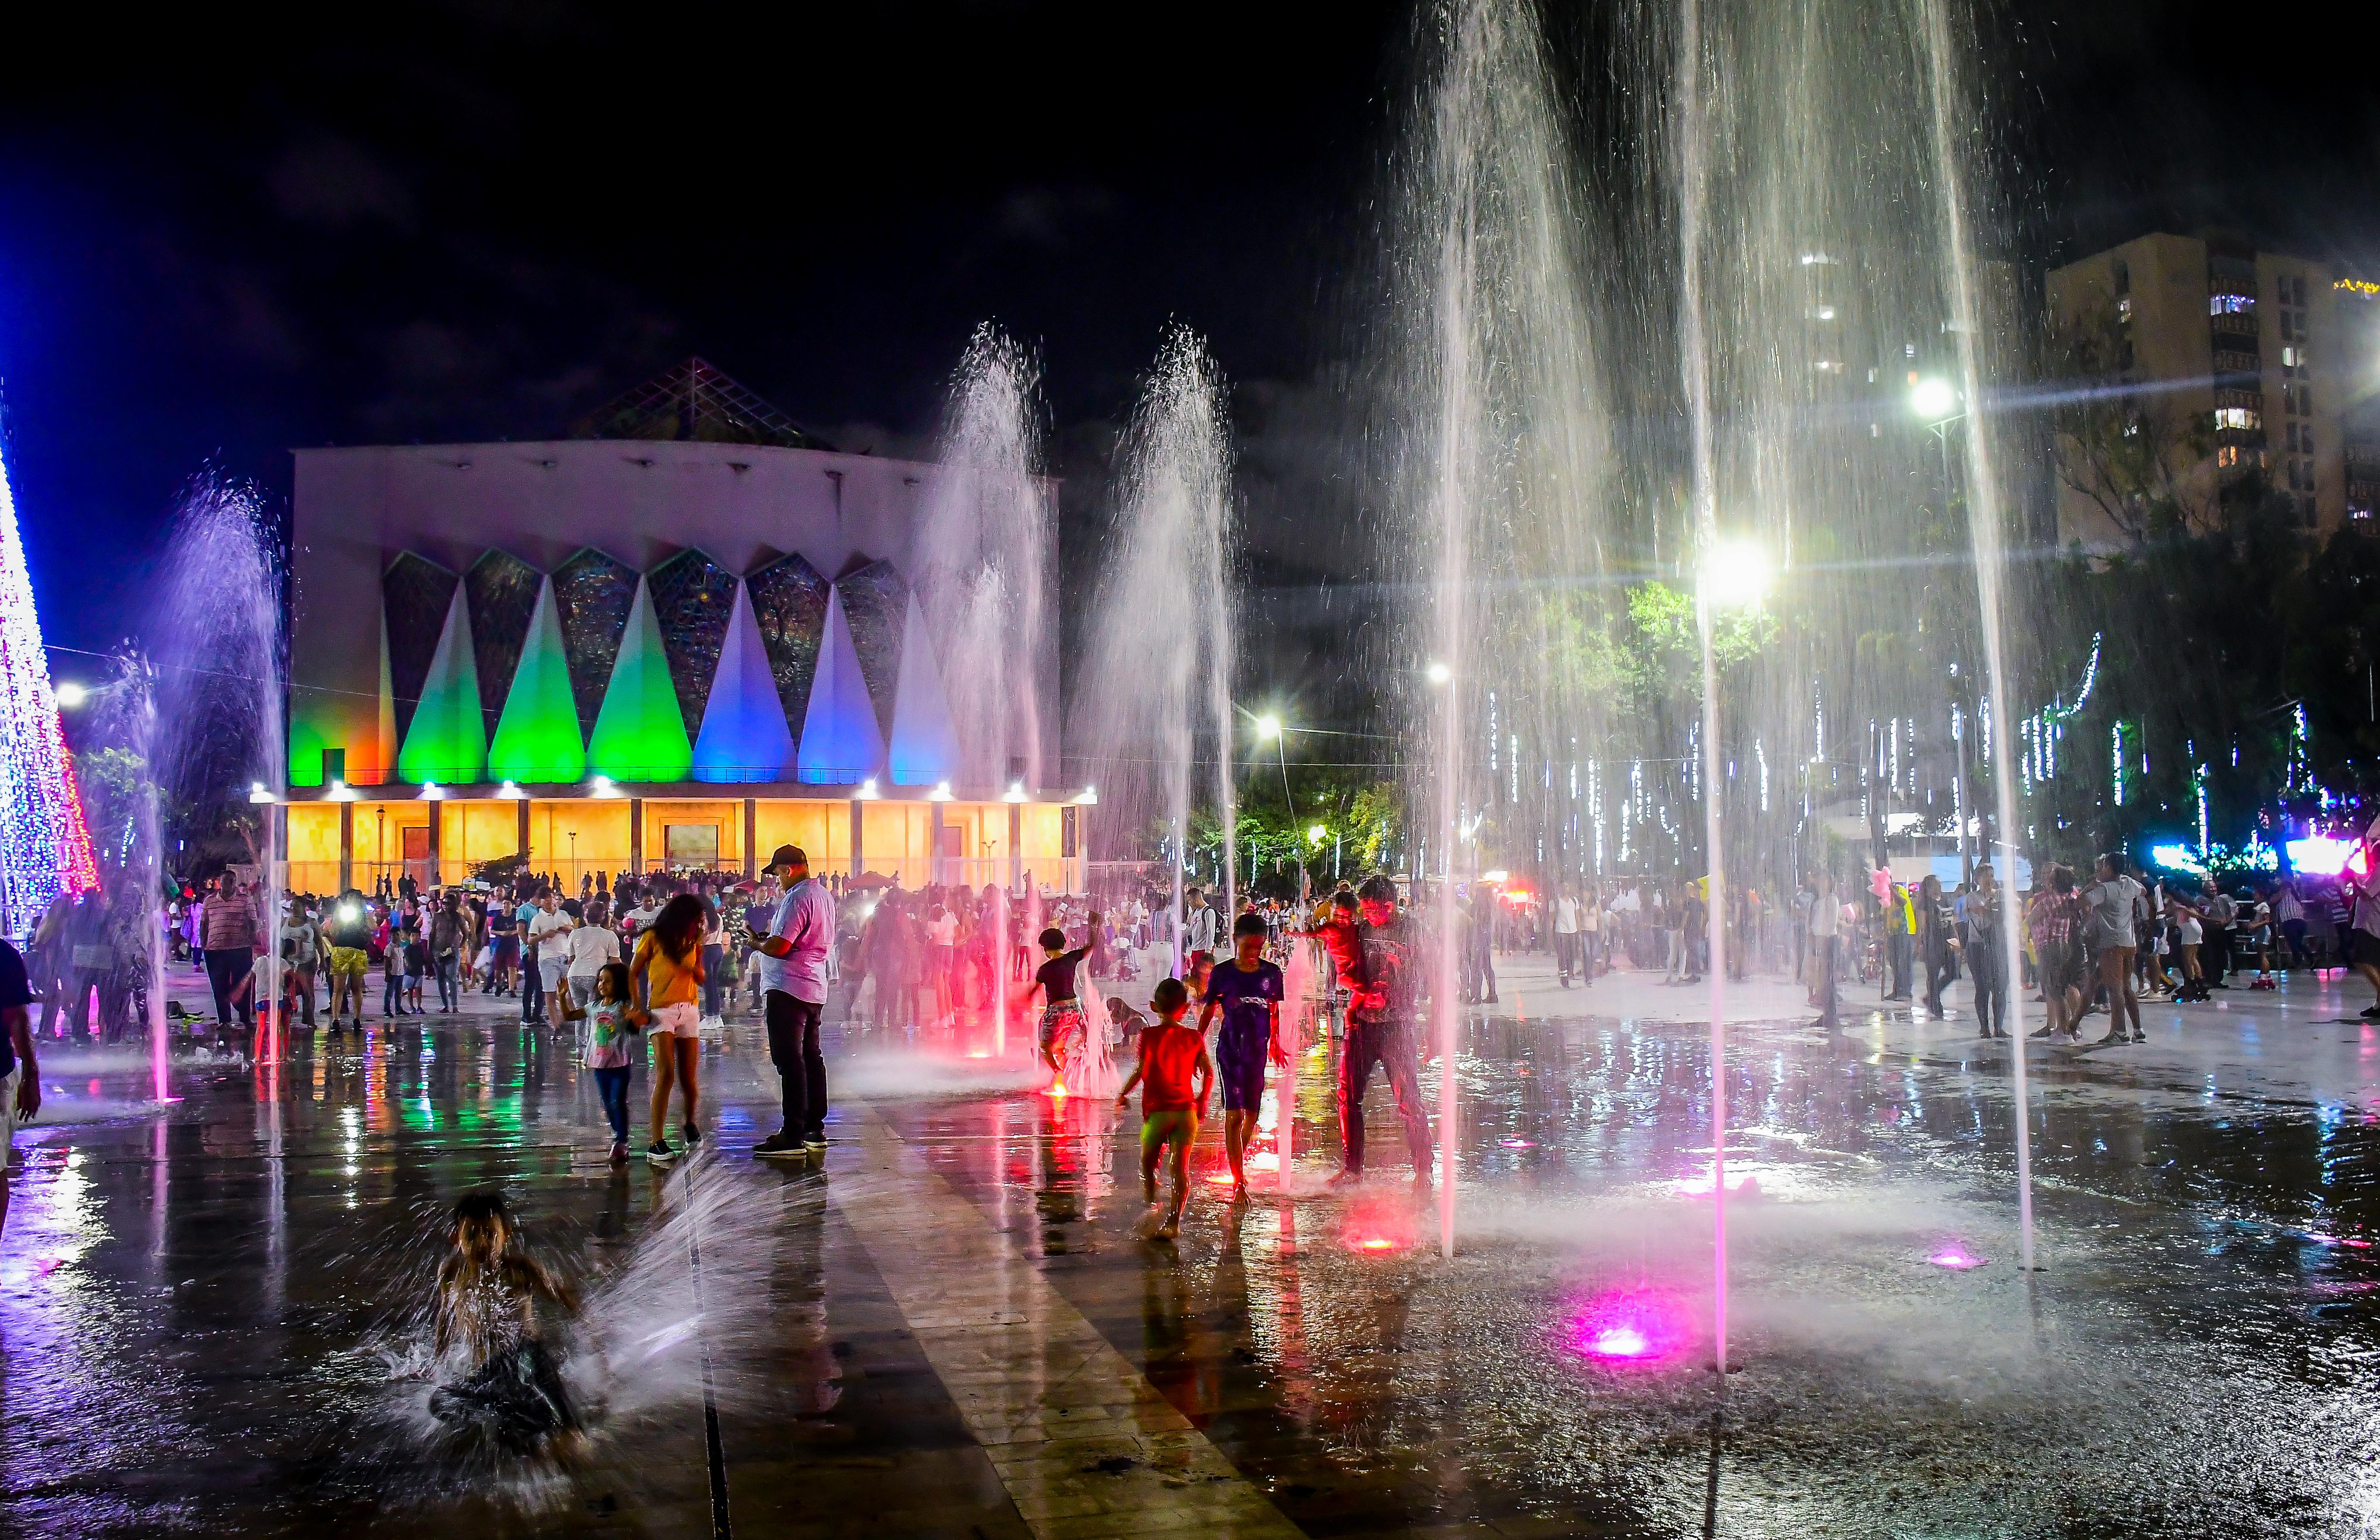 La fuente, uno de los atractivos de la plaza.